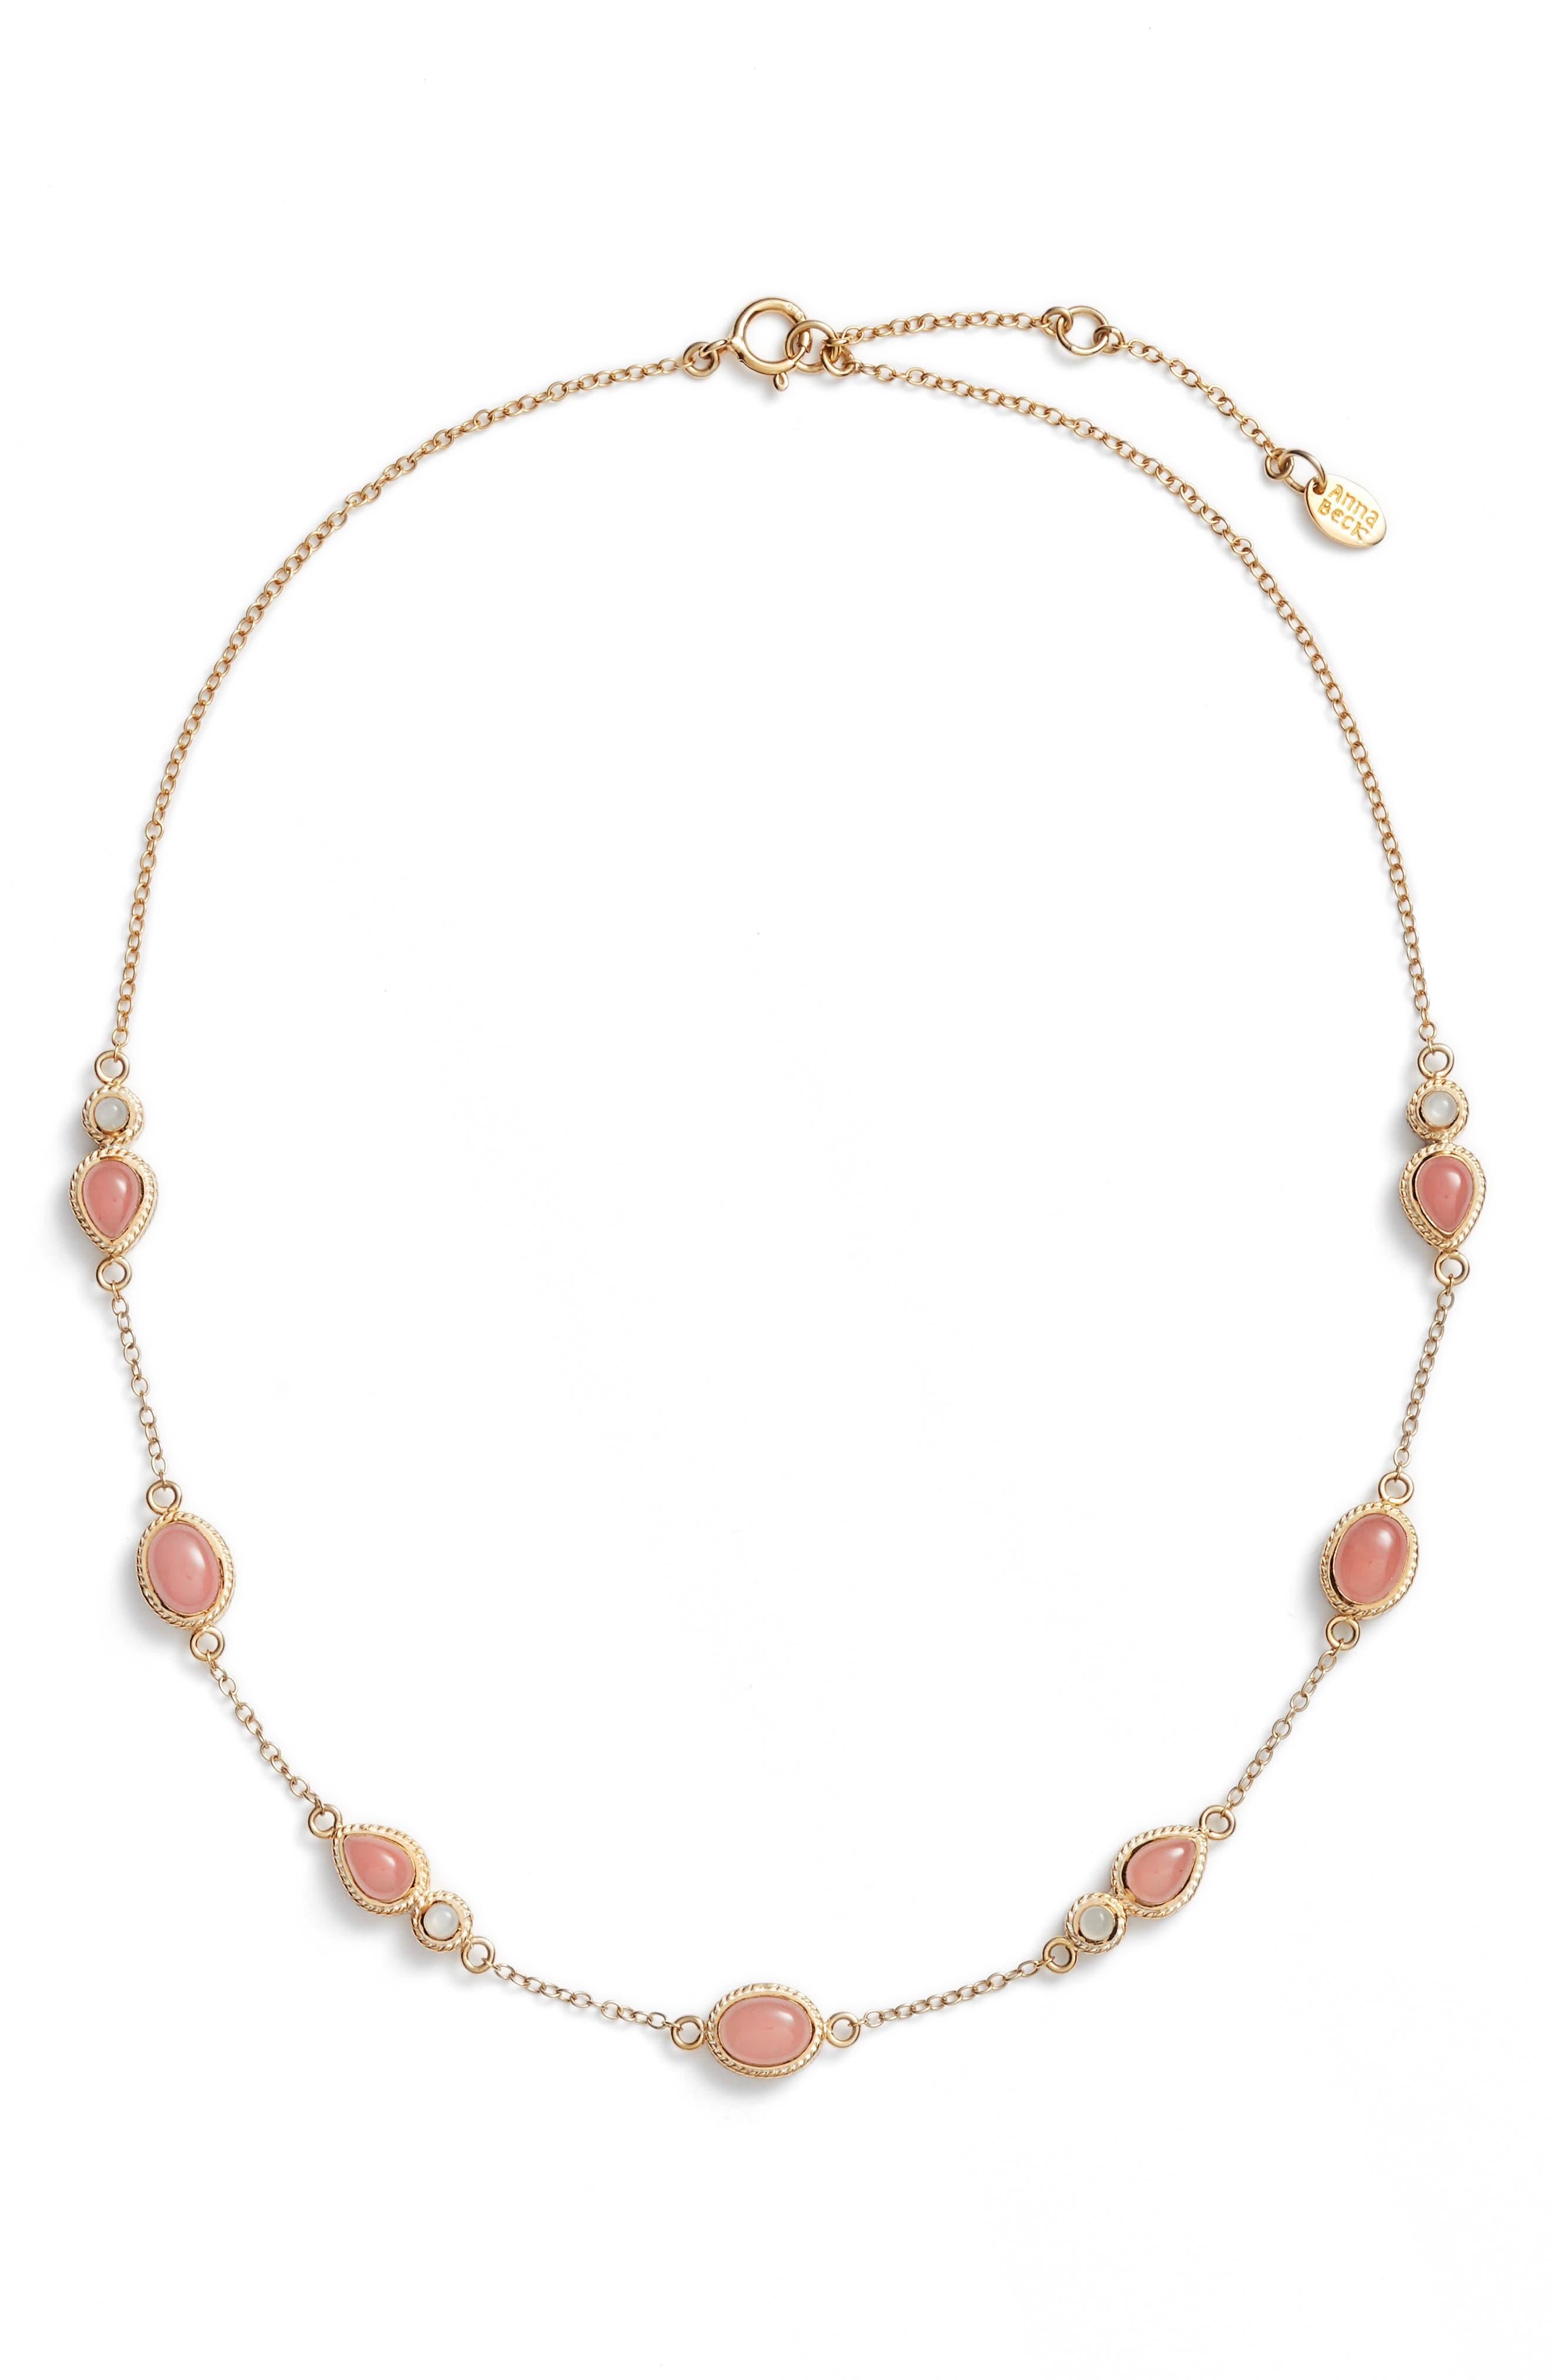 Guava Quartz & Moonstone Station Necklace,                             Main thumbnail 1, color,                             950